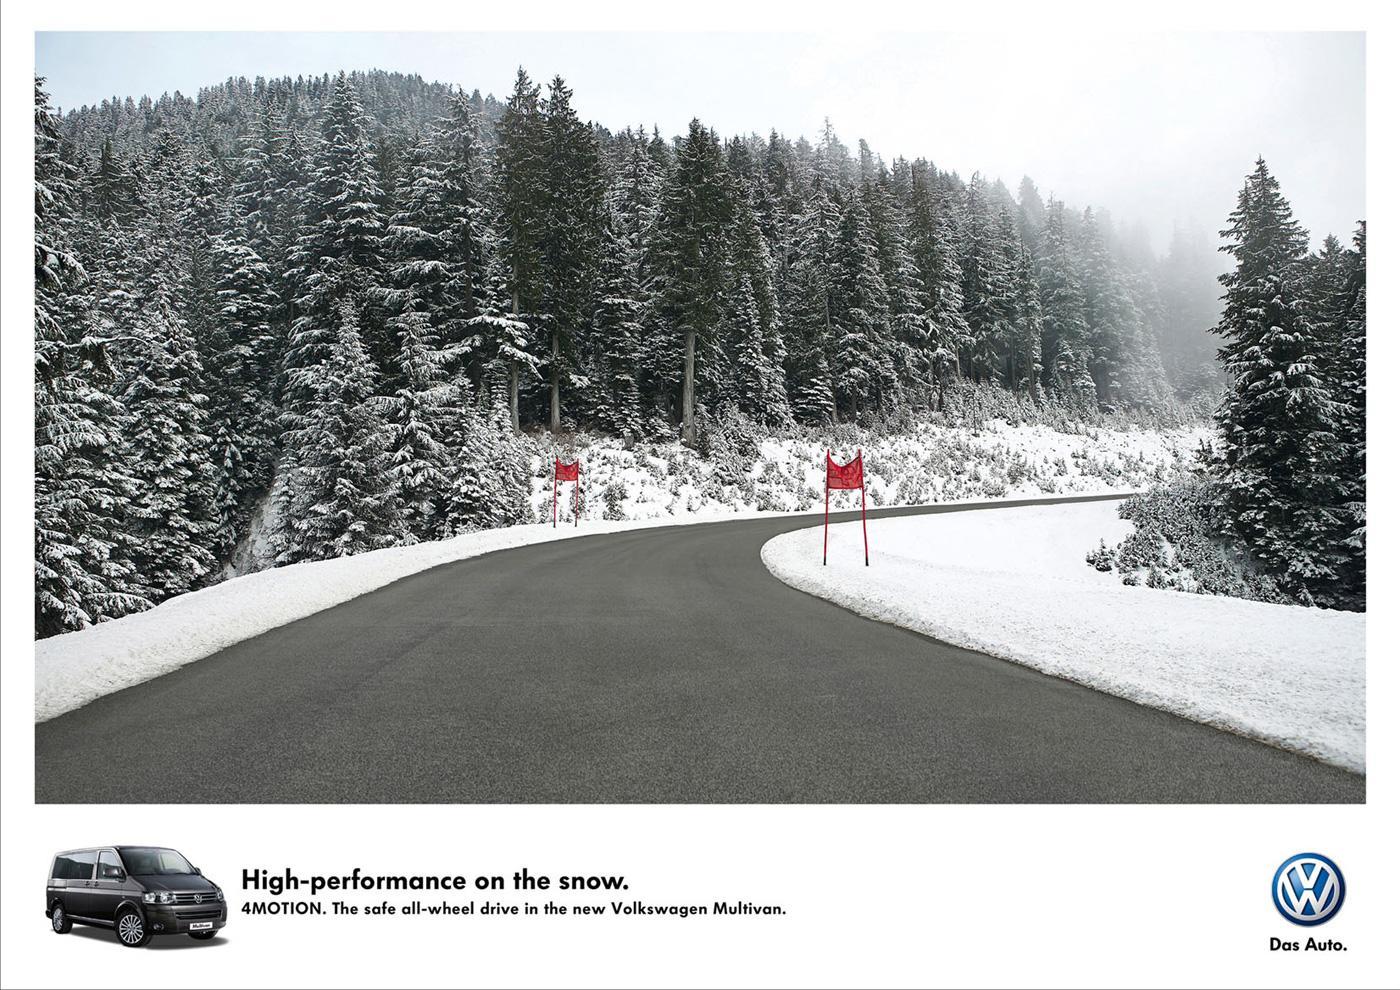 Bon courage aux Parisiens : les 80 publicités les plus créatives sur la Neige #neigeparis 76